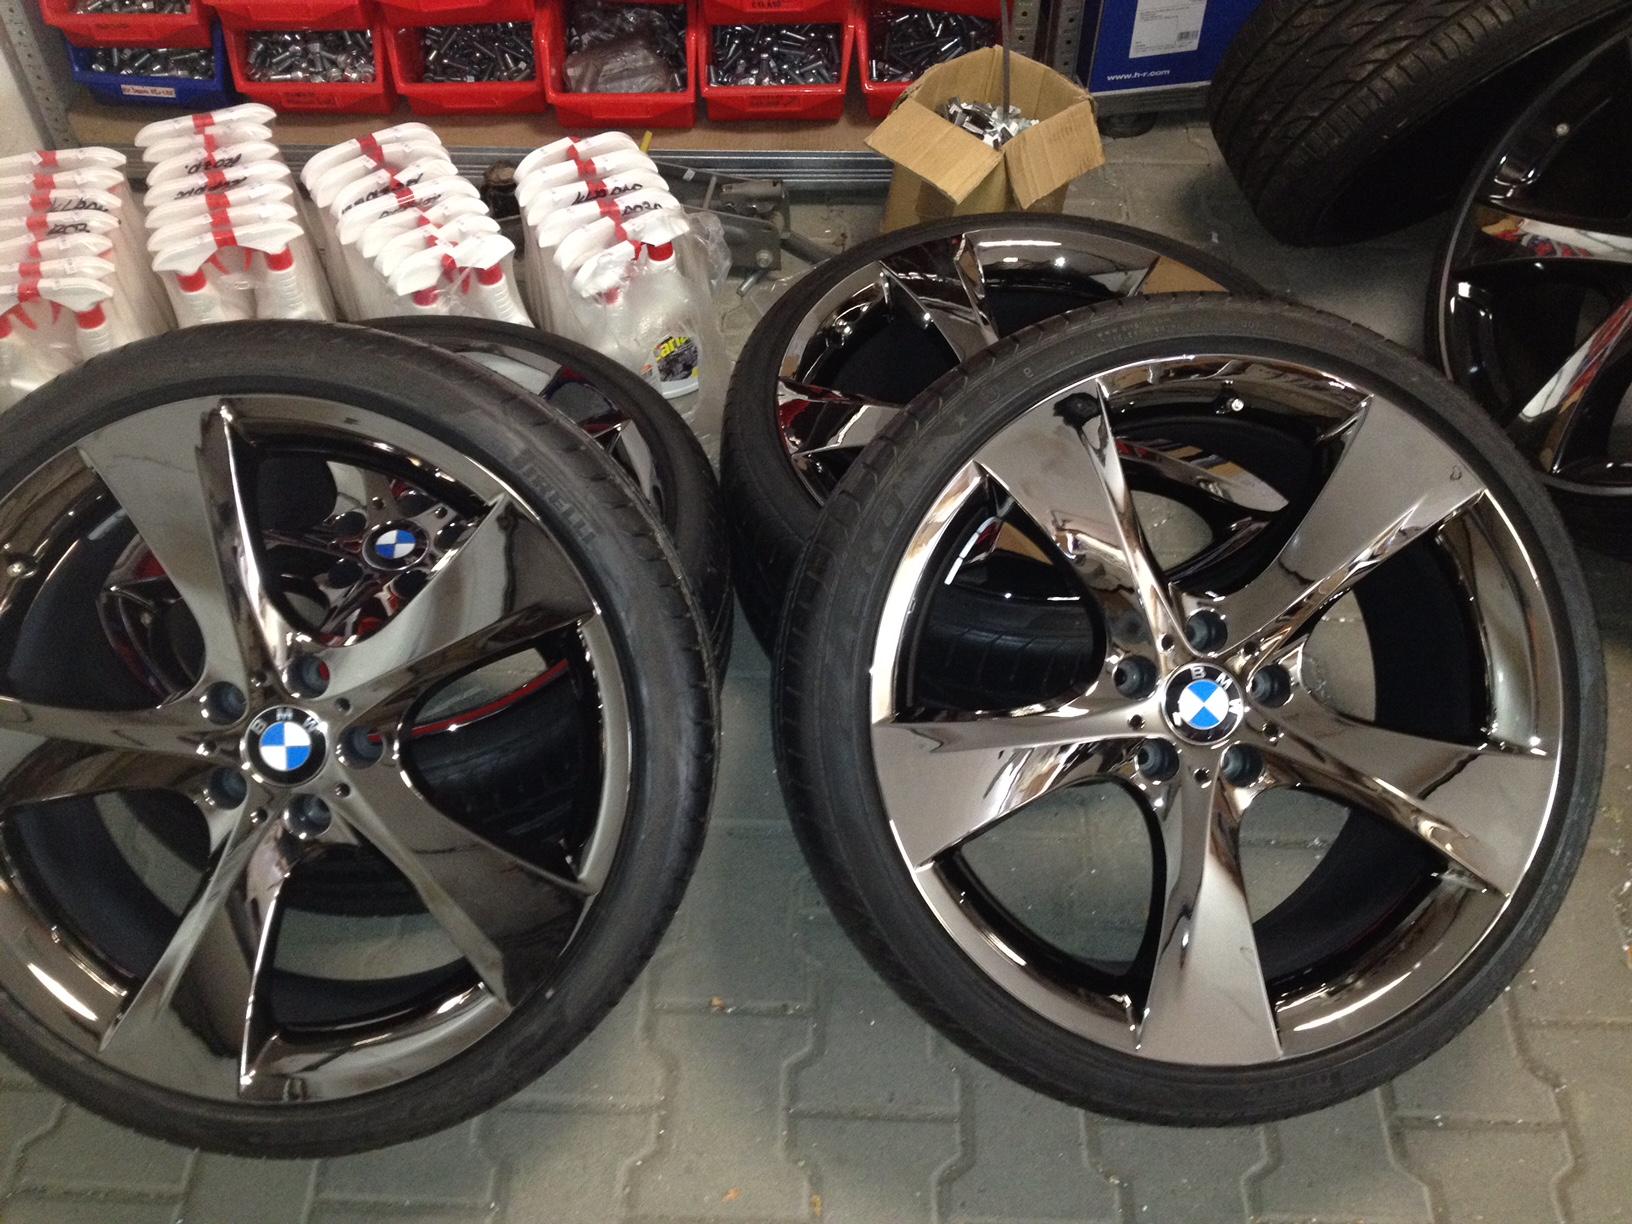 Originální alu kola BMW F01, GT 07 STYLING 311 8,5x21 ET25 a 10x21 ET41 5/120 pro BMW 7 F01 a GT F07 letní sada